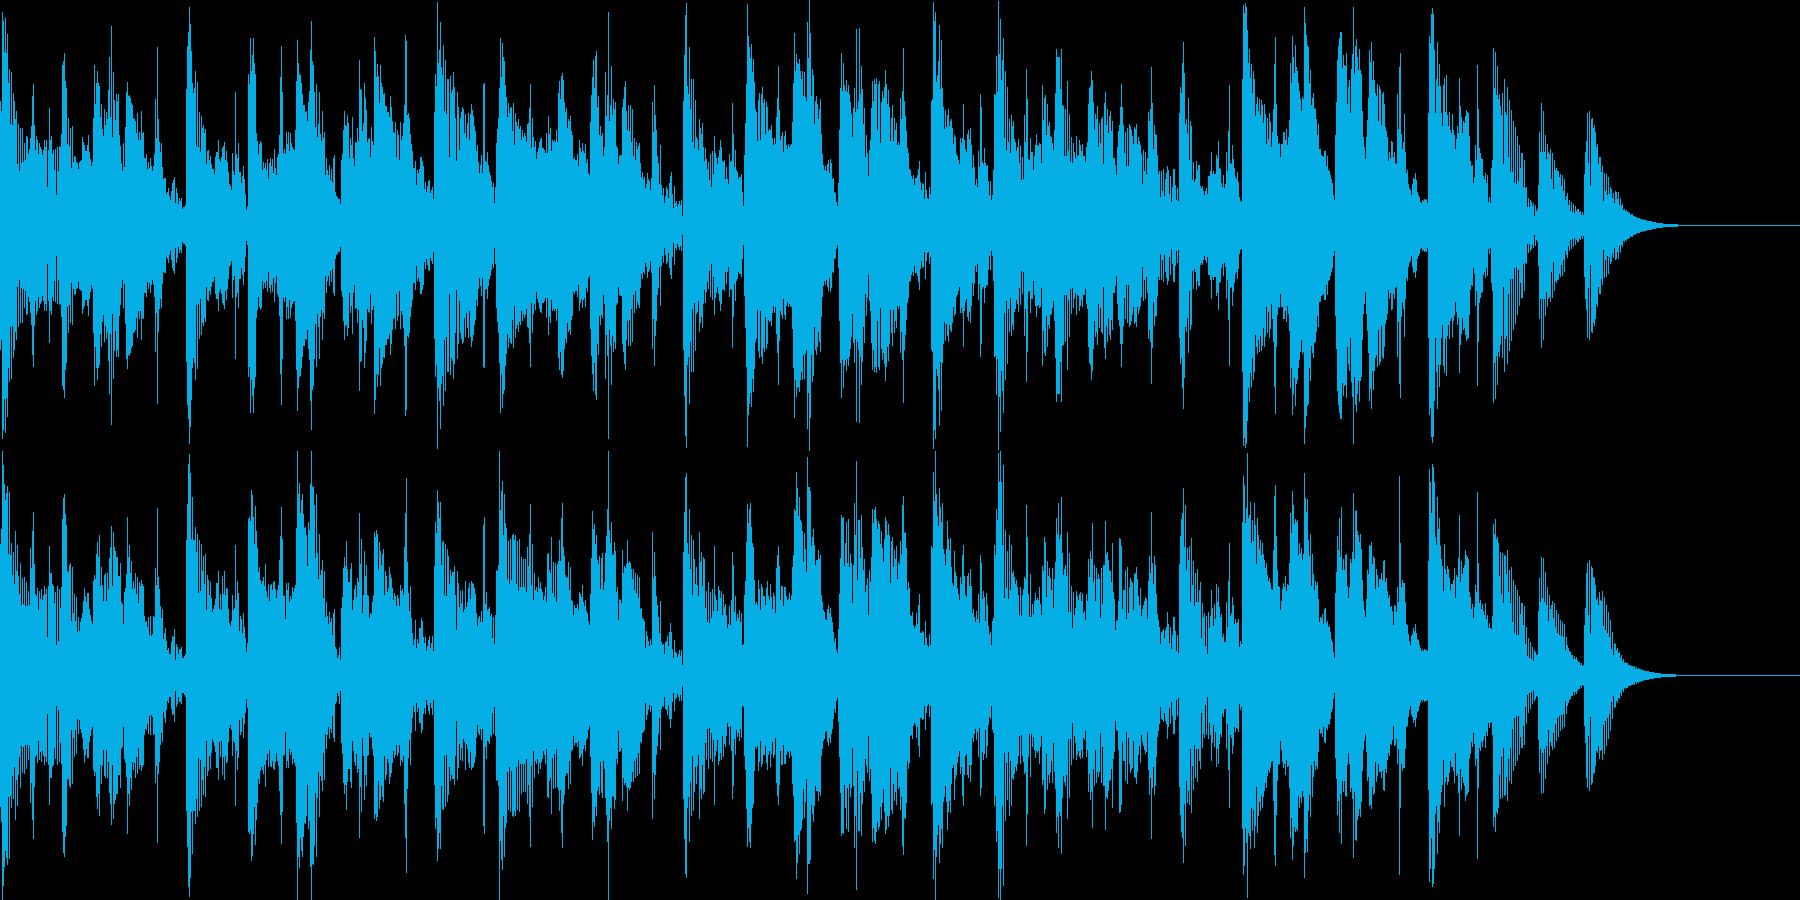 テクノのような雰囲気のBGMの再生済みの波形